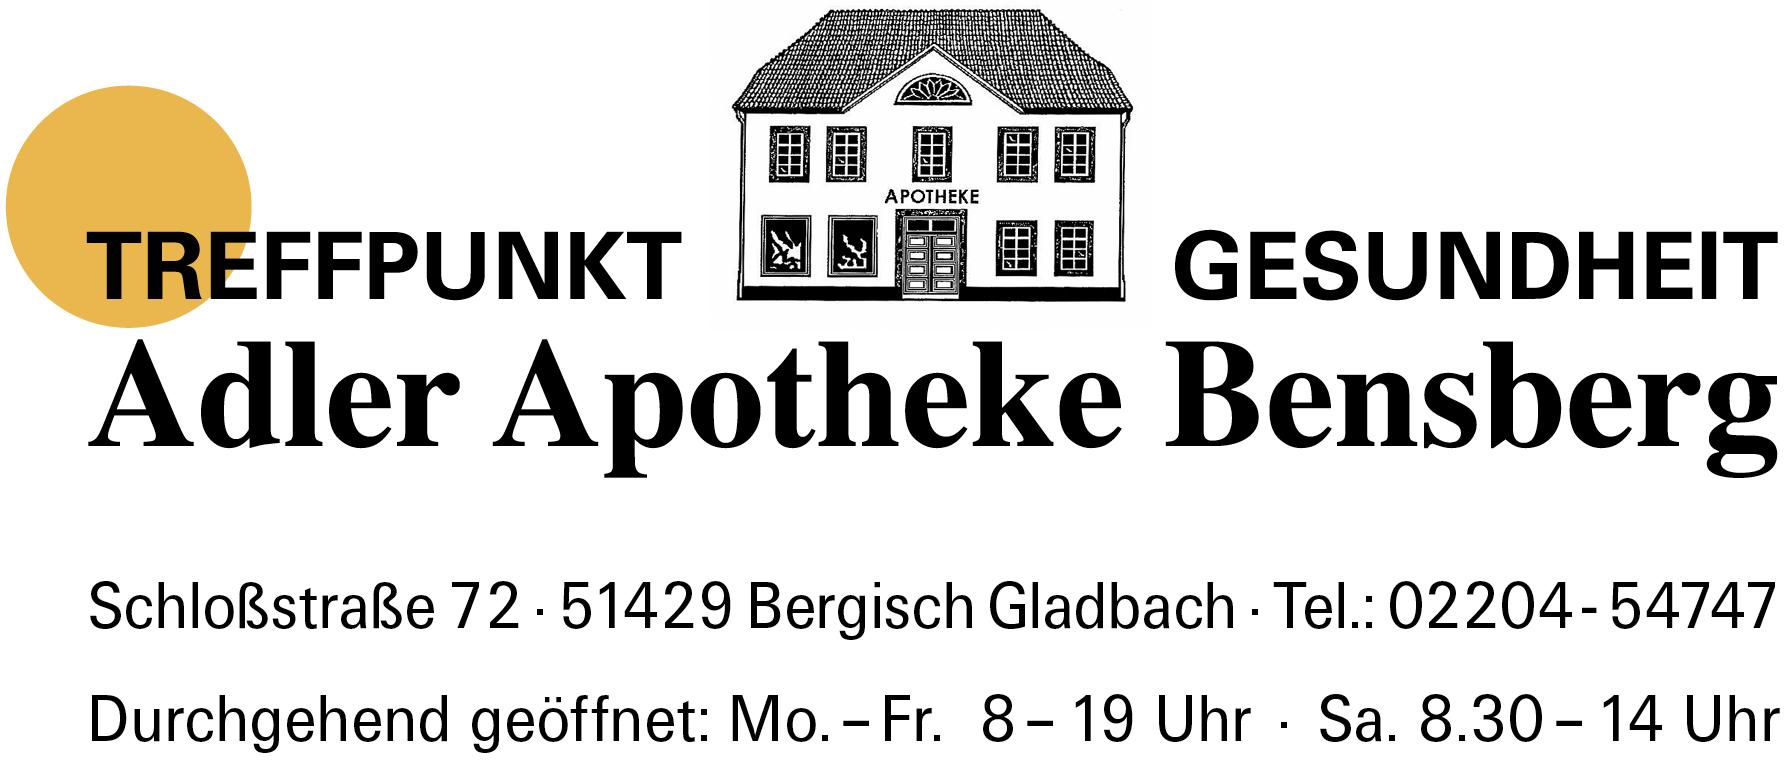 Adler Apotheke Bensberg